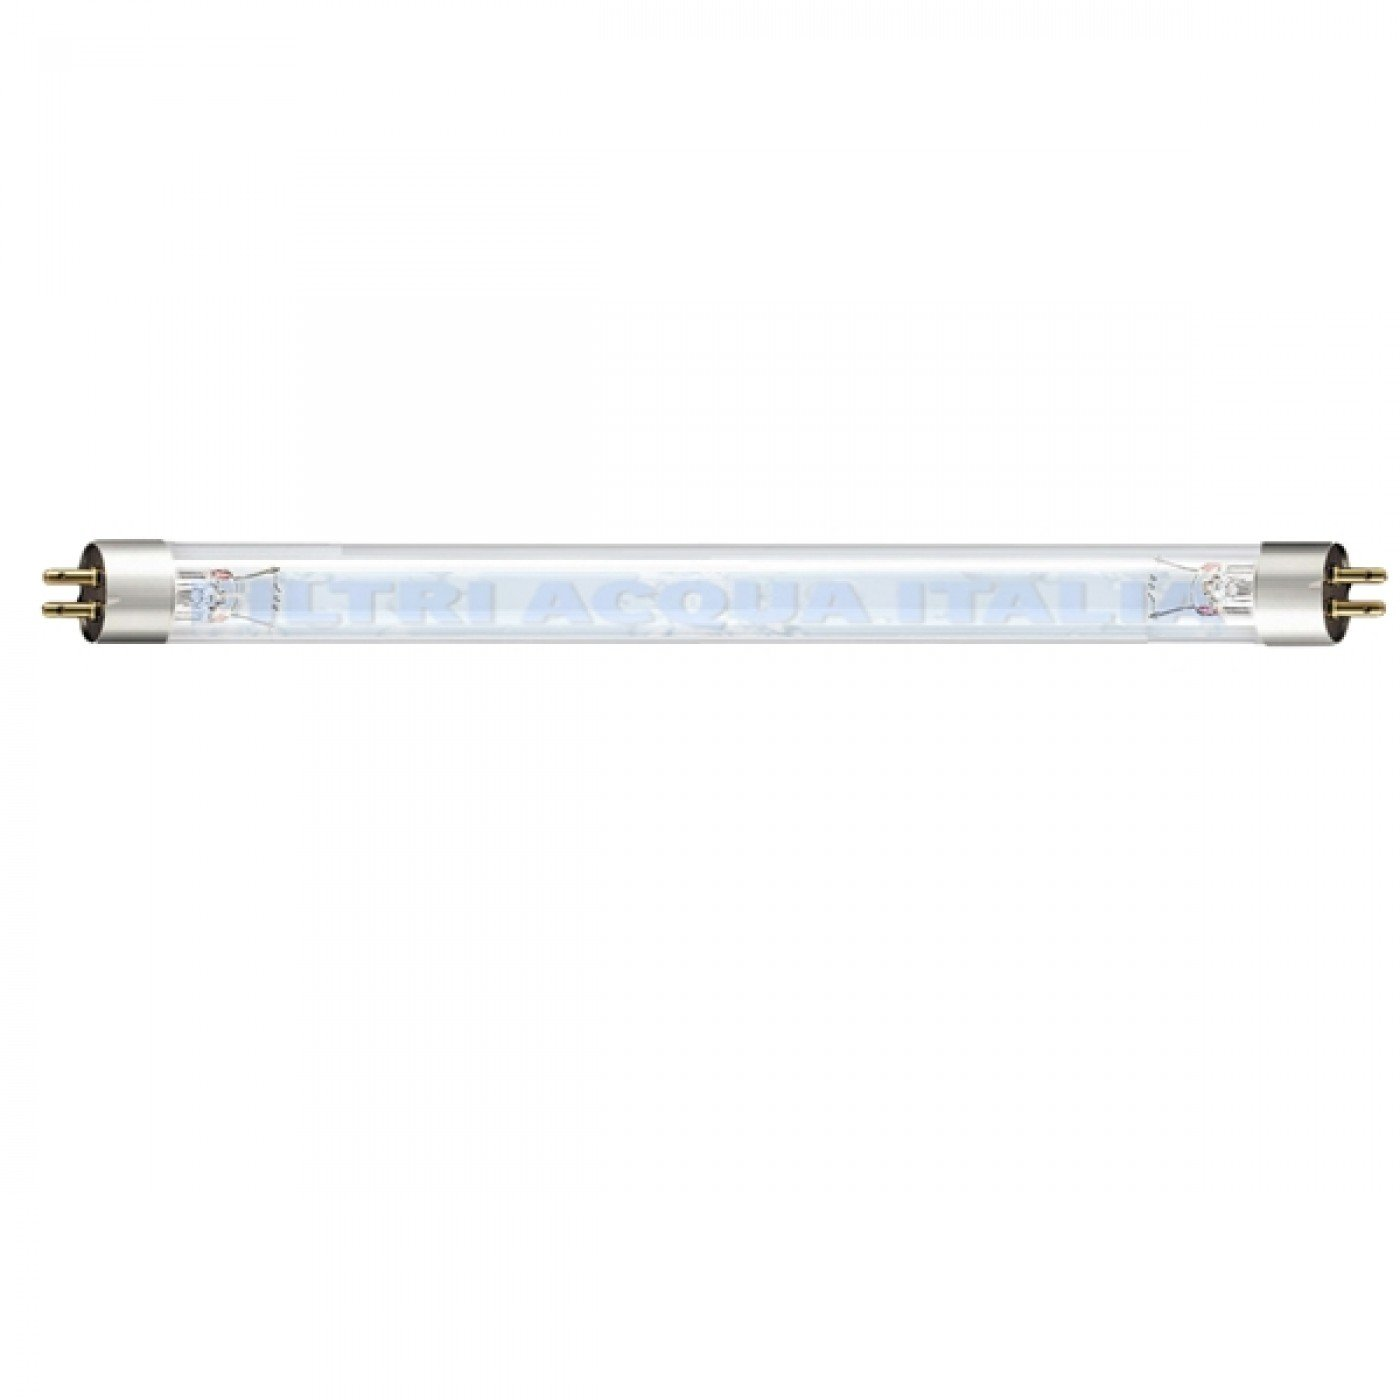 LAMPADA UV 55 WATT